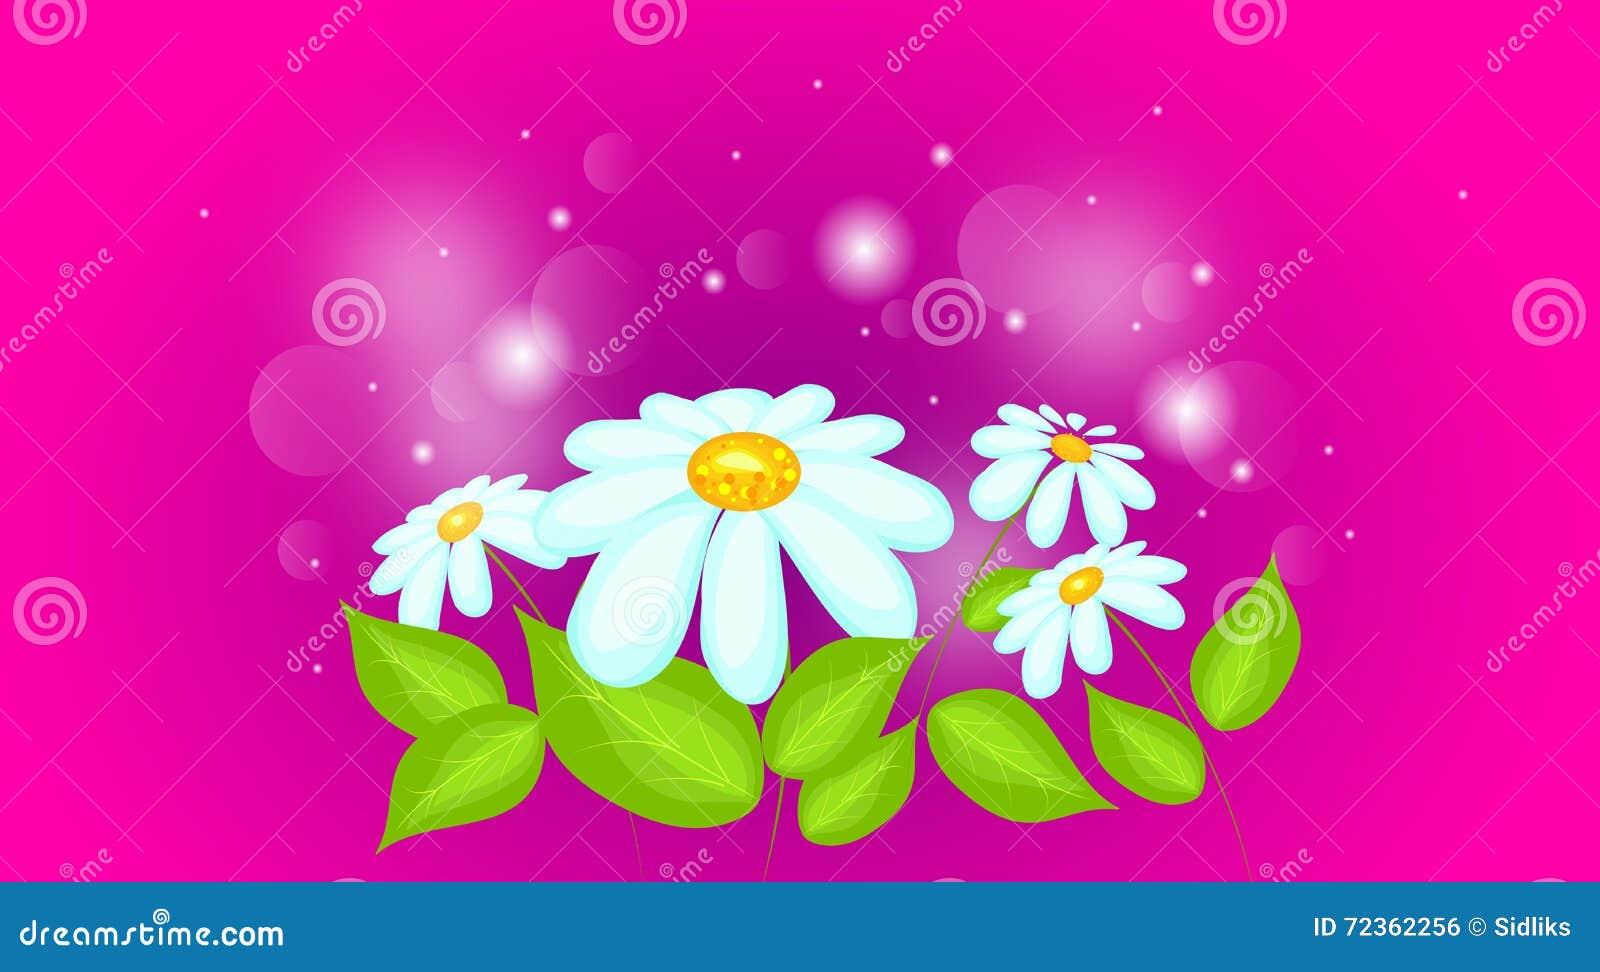 雏菊有发光的背景